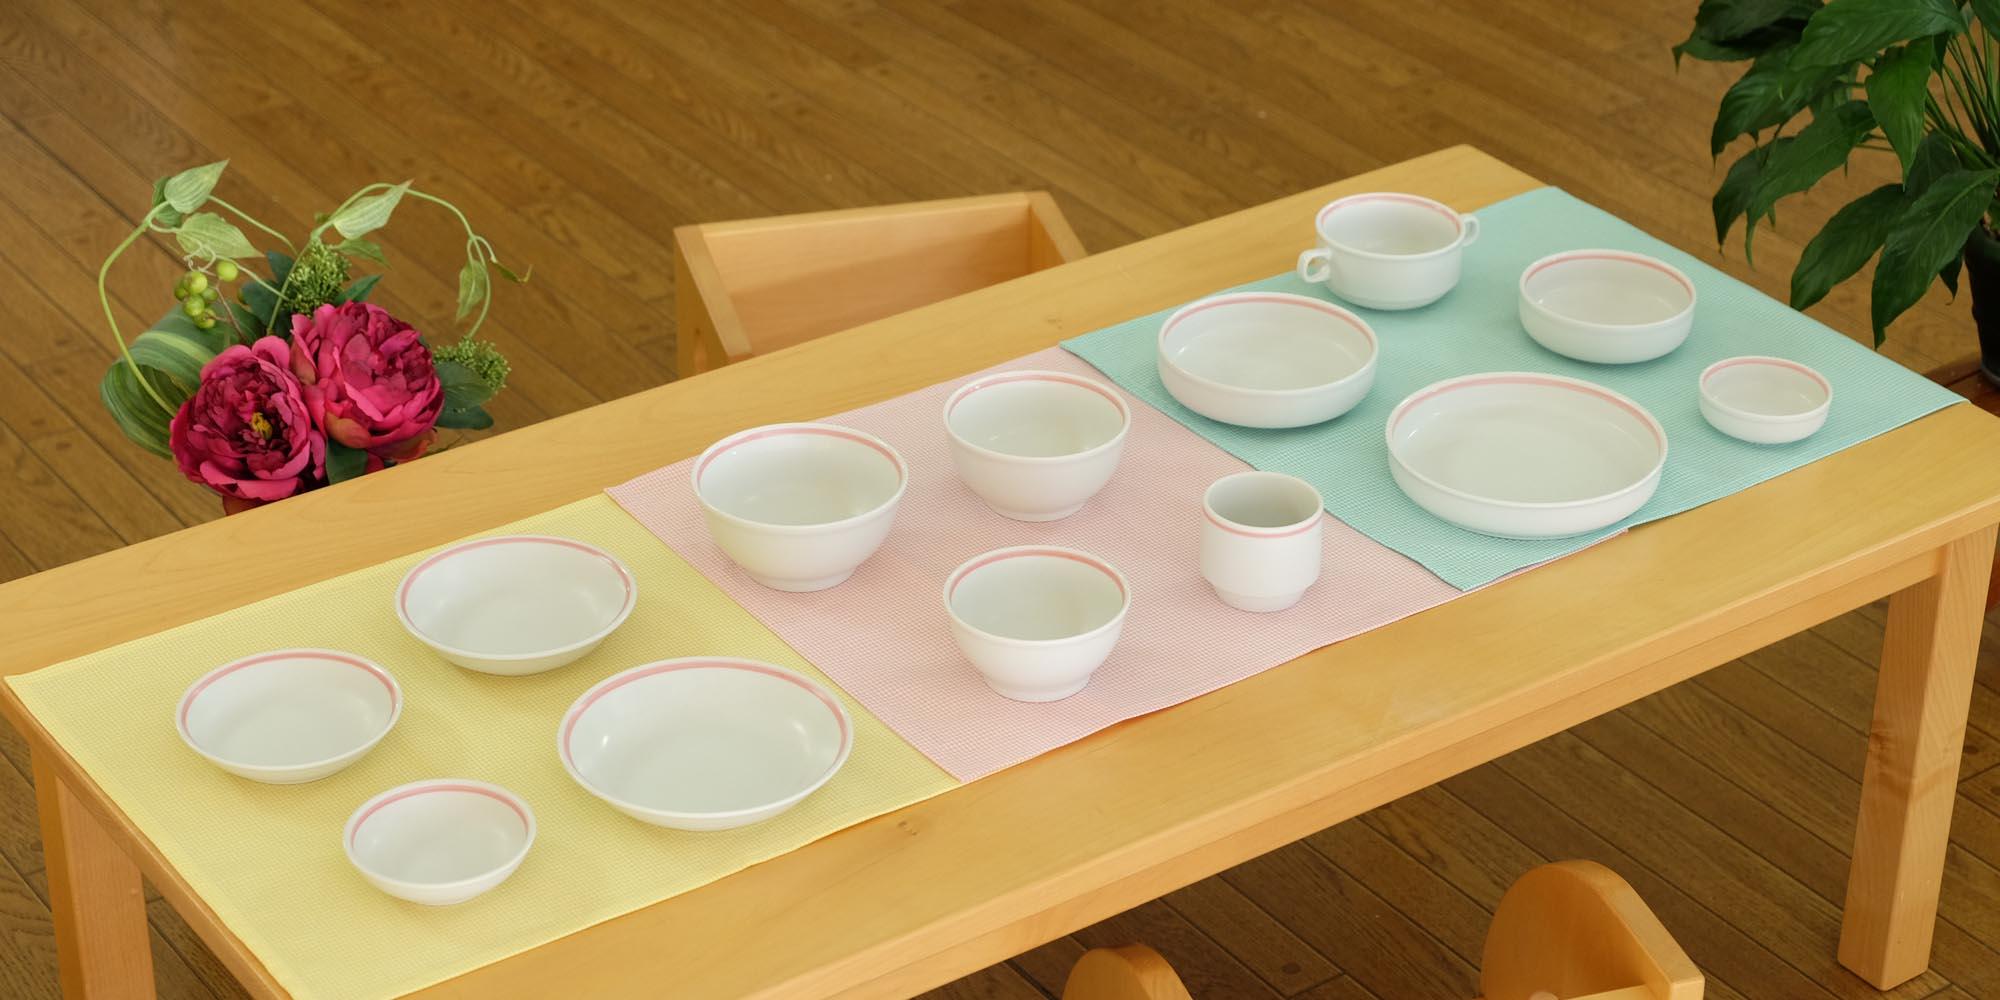 保育 給食食器 保育園 幼稚園のための専門会社